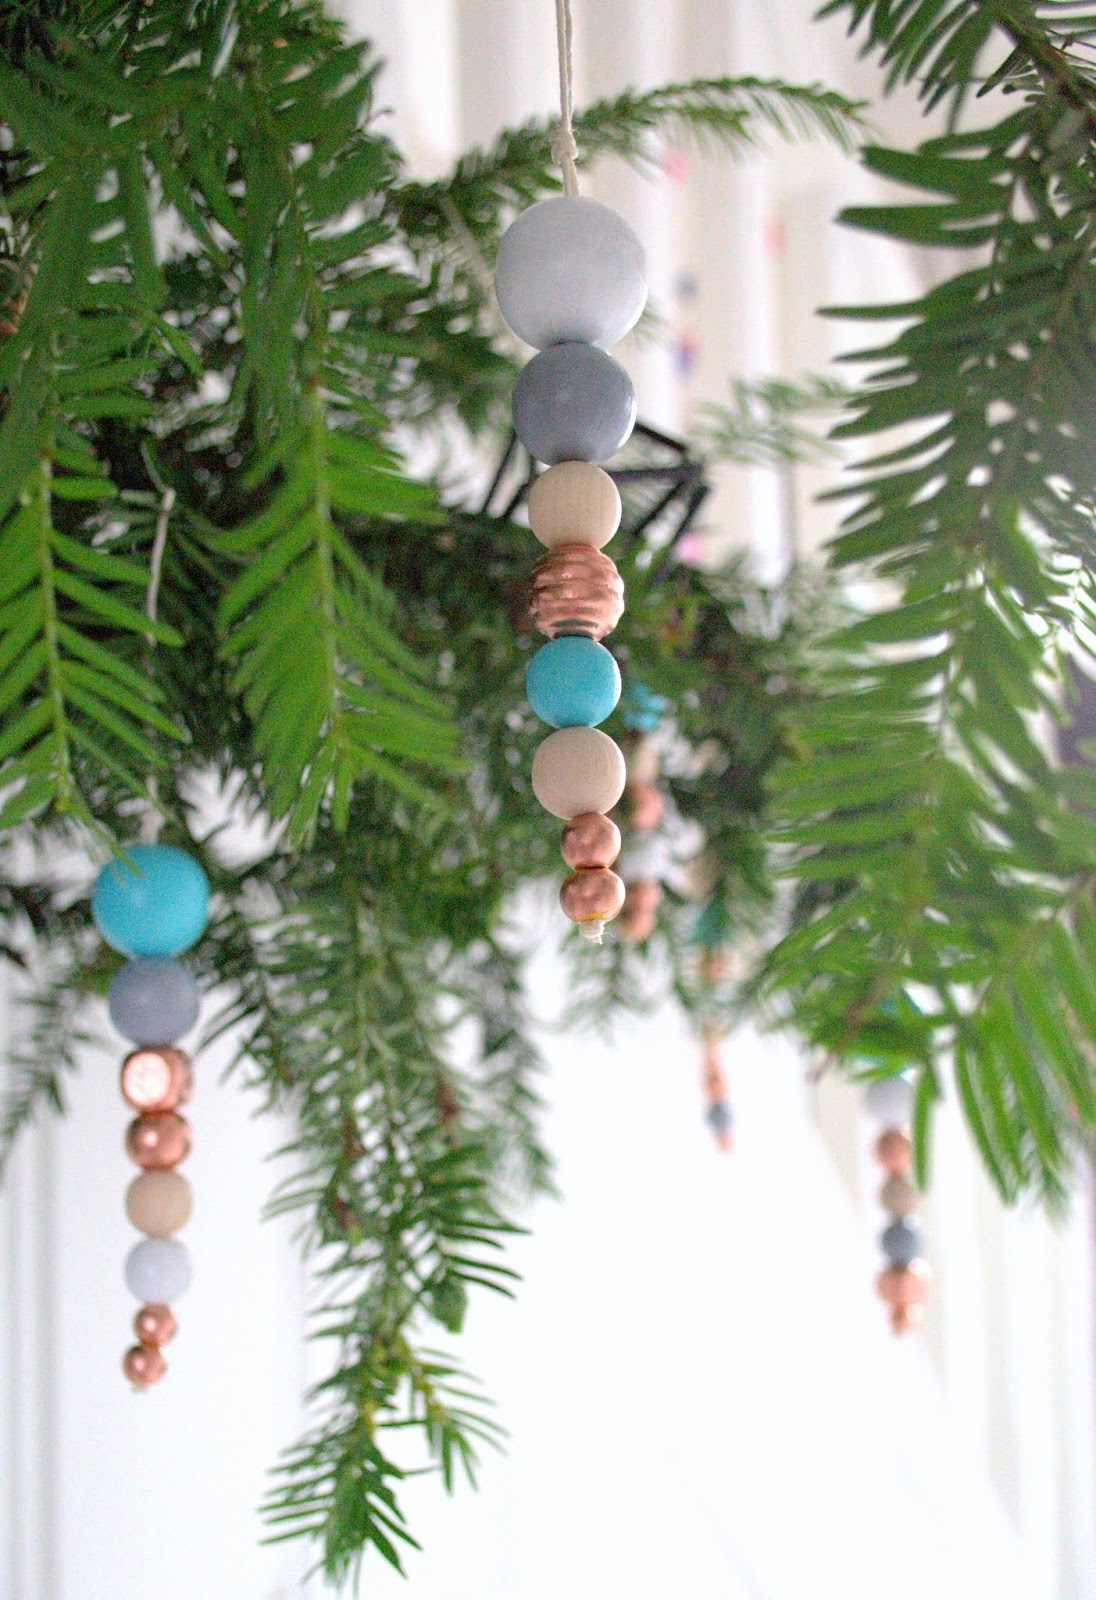 Easy beady tree decorations DIY